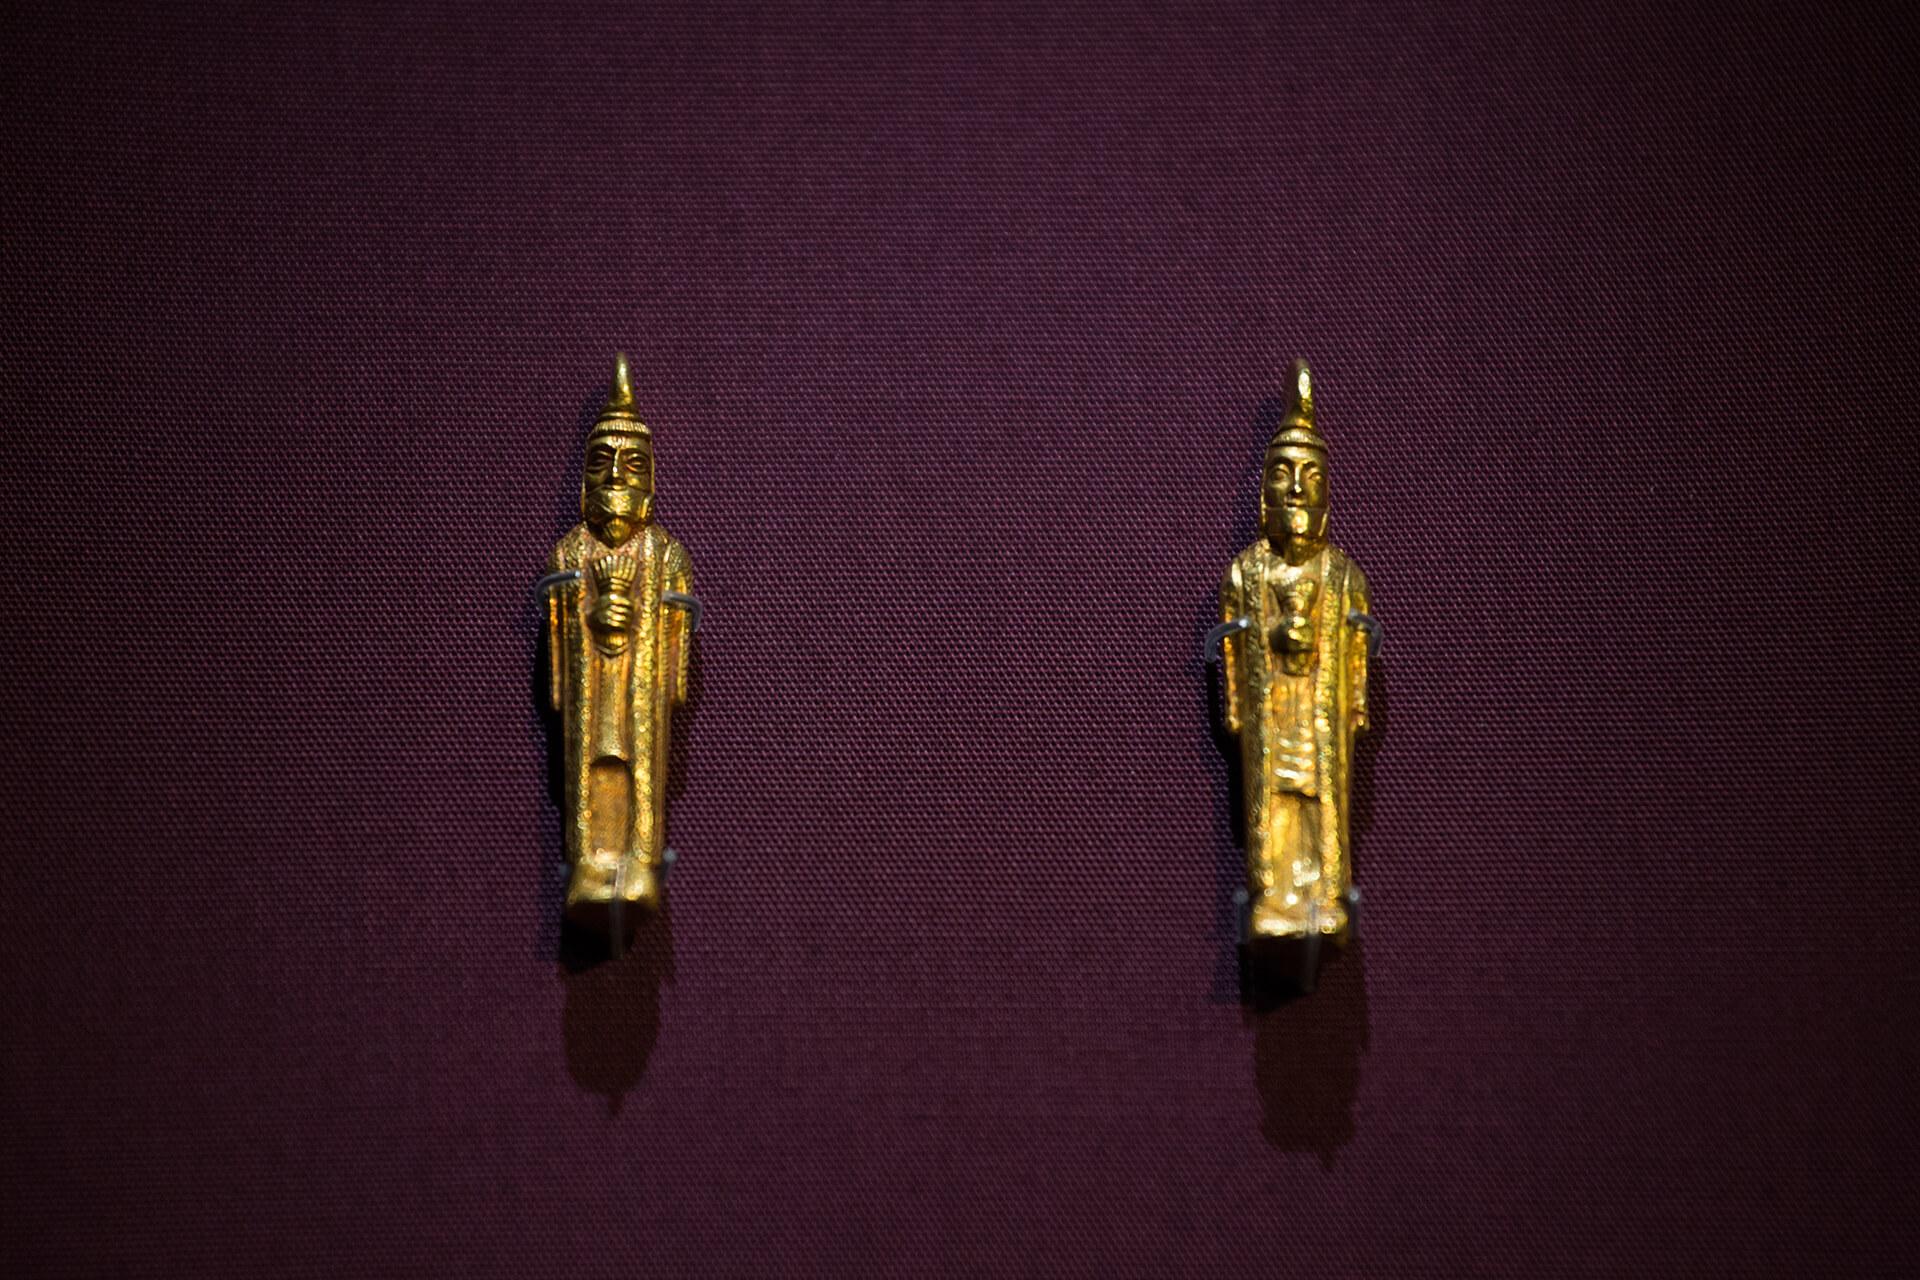 誰會想到只有尾指大小的拜火教徒金像,會與波斯富街有關?